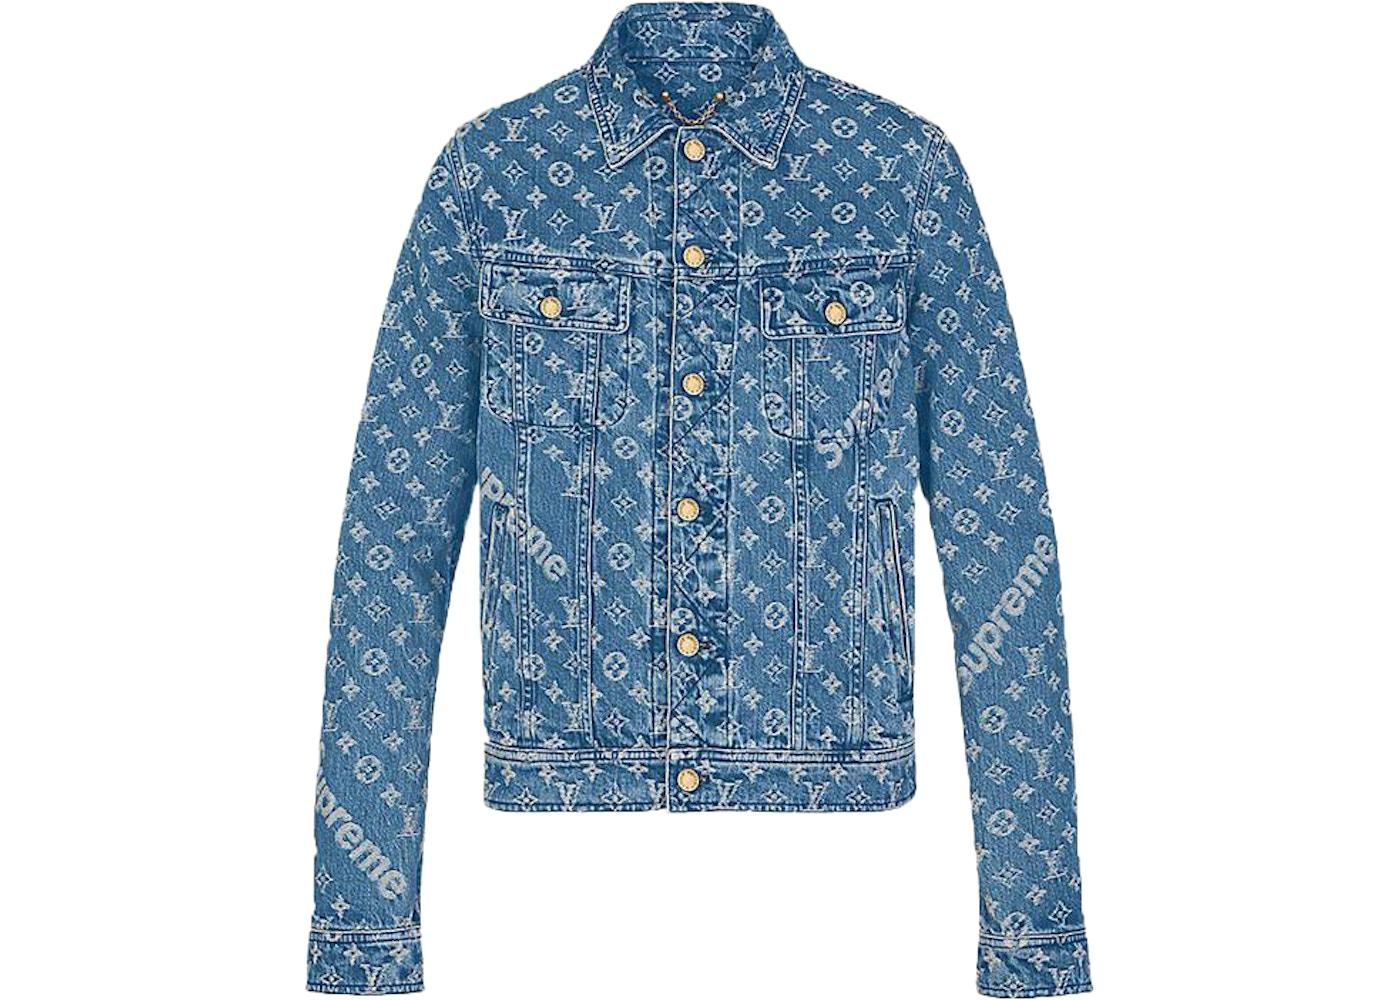 72a2d8975 Supreme x Louis Vuitton Jacquard Denim Trucker Jacket Blue